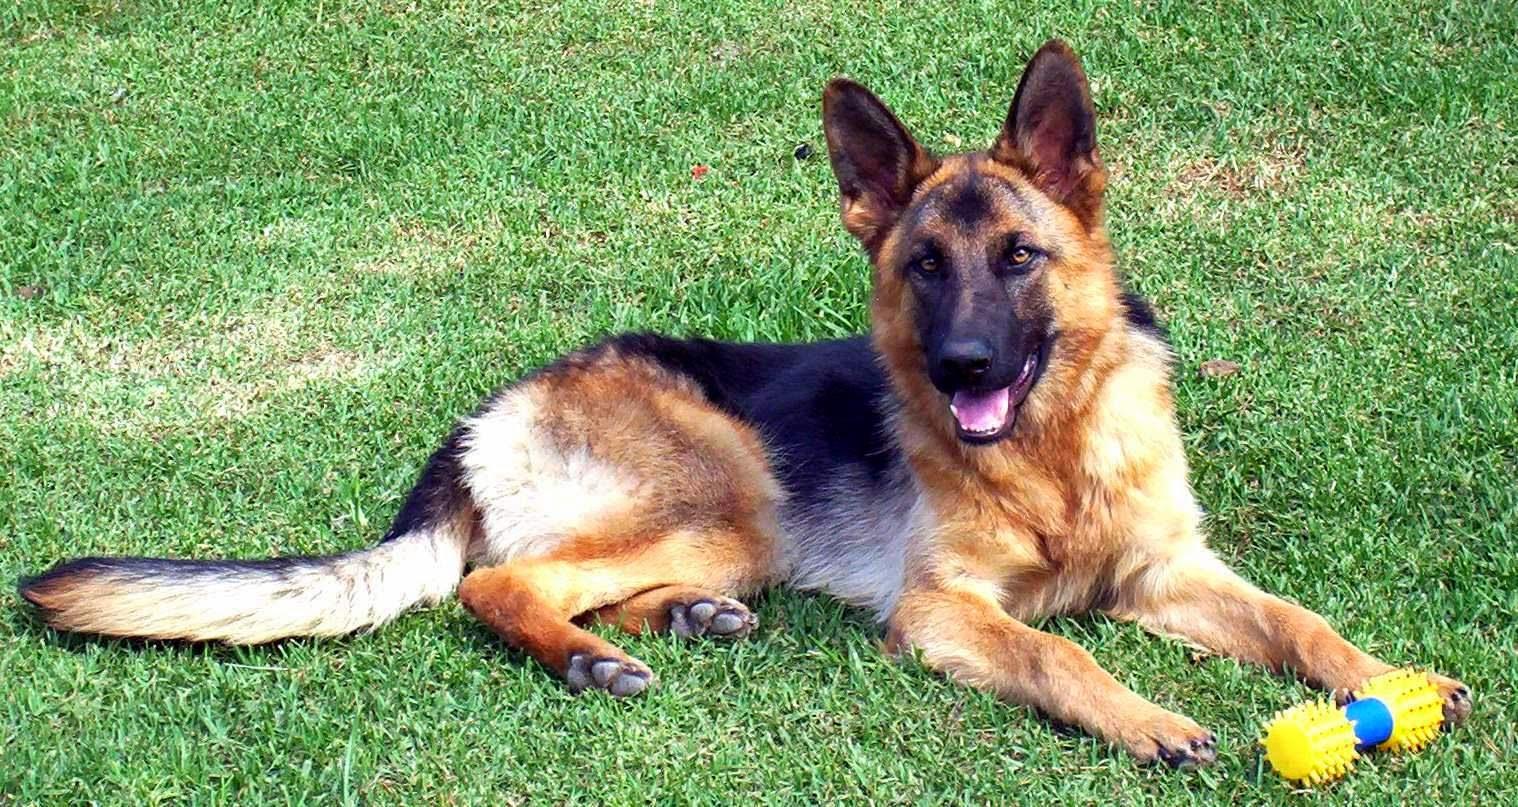 Le 10 razze canine più amate negli Stati Uniti (FOTO)